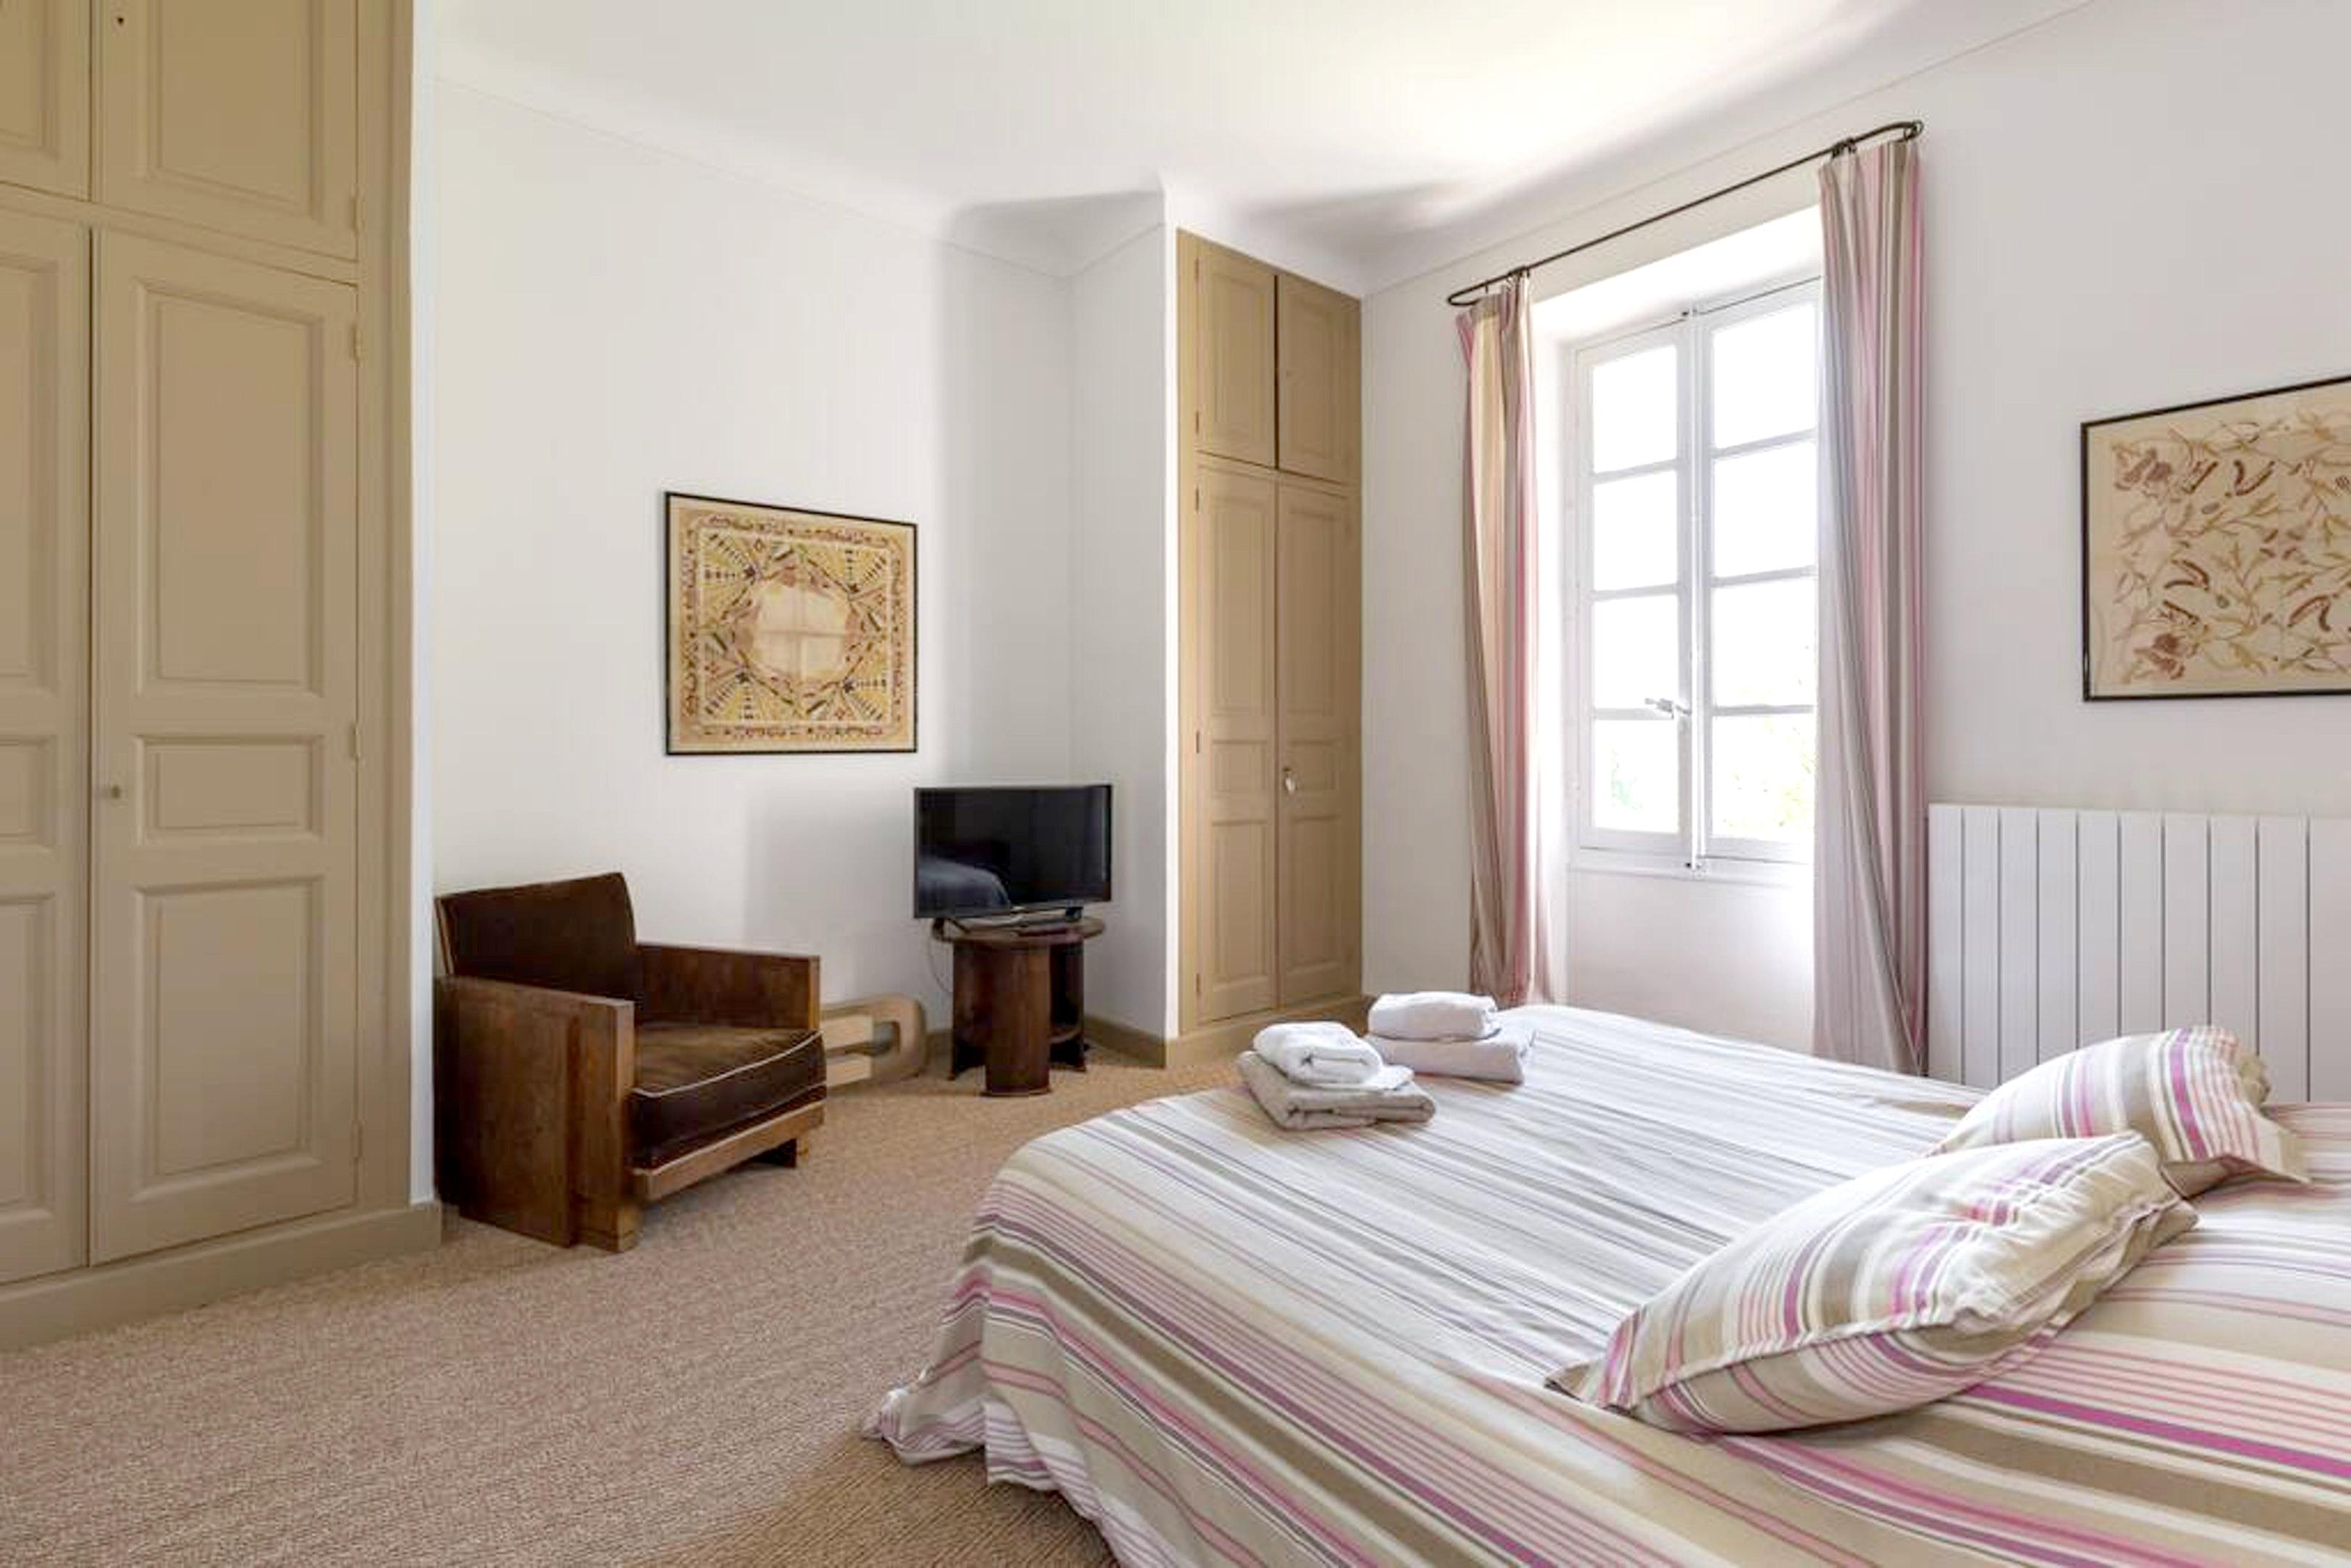 Maison de vacances Villa mit 6 Schlafzimmern in L'Isle-sur-la-Sorgue mit privatem Pool, möbliertem Garten und (2647203), L'Isle sur la Sorgue, Vaucluse, Provence - Alpes - Côte d'Azur, France, image 30